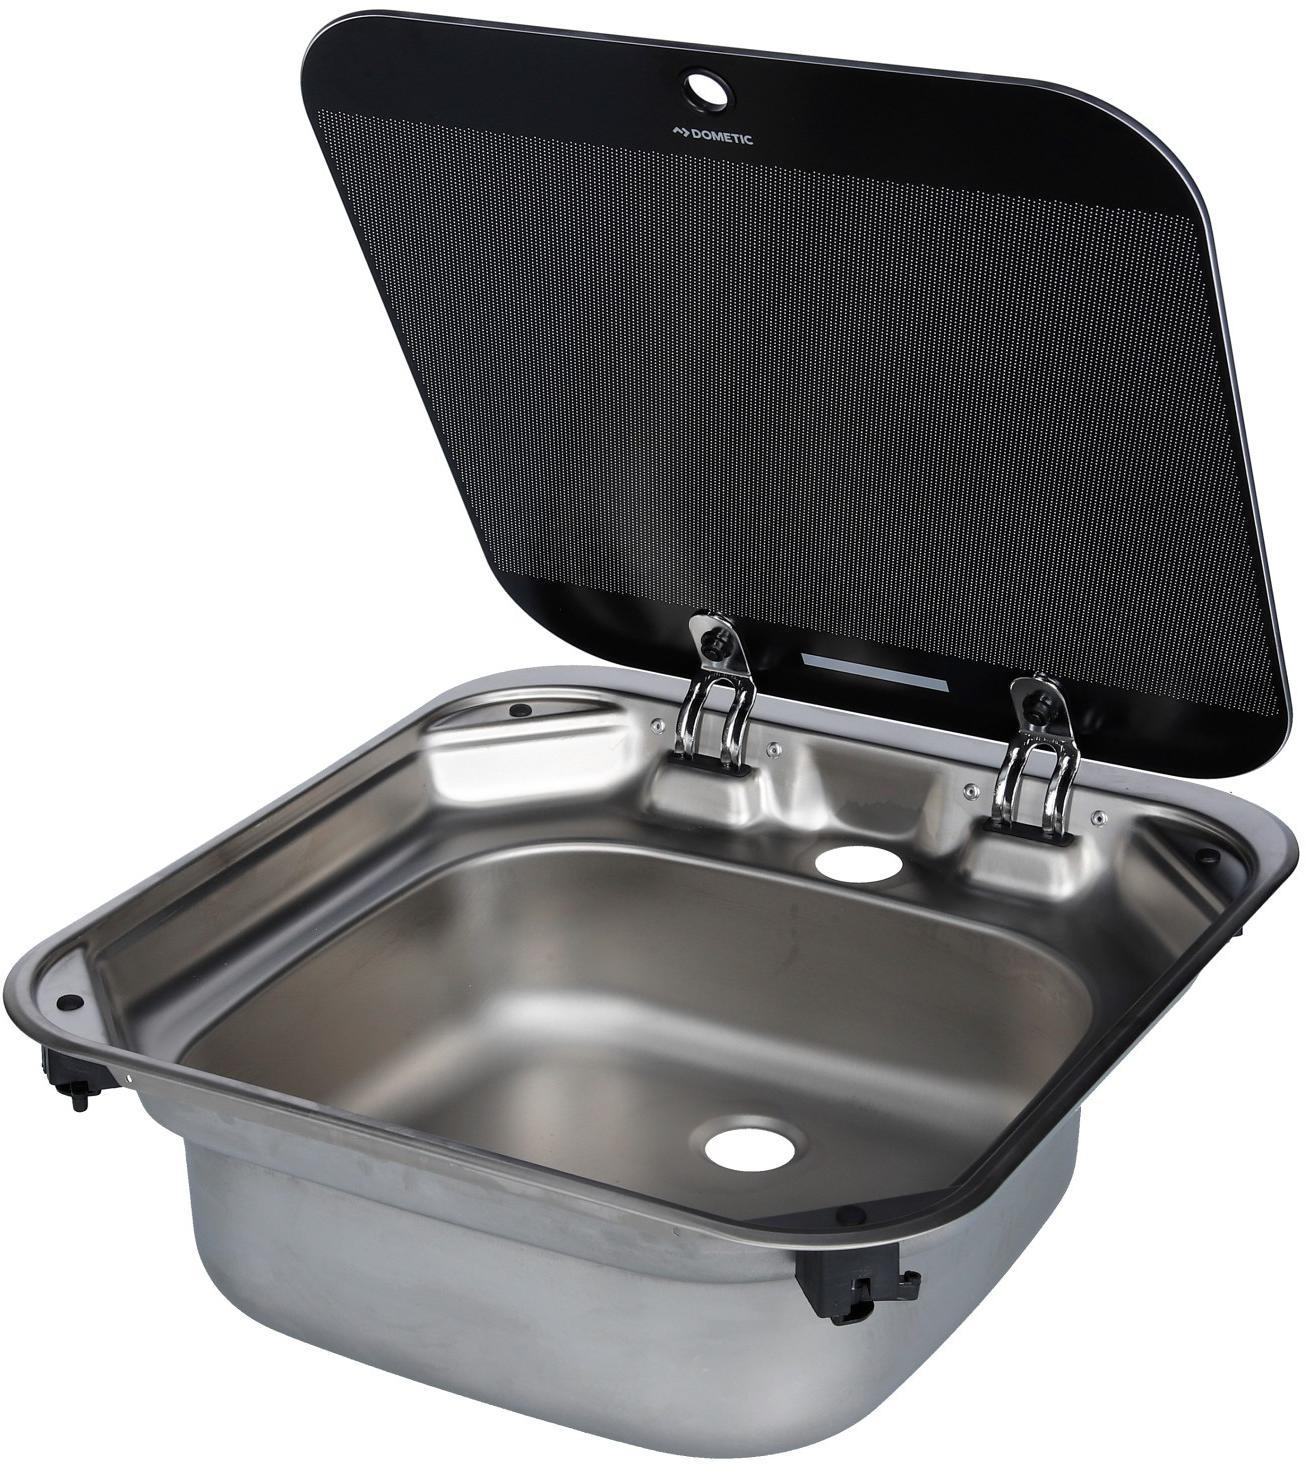 Dometic Sng 4244 Spulbecken Mit Glasabdeckung Von Dometic Wasser Sanitar Bei Camping Wagner Campingzubehor